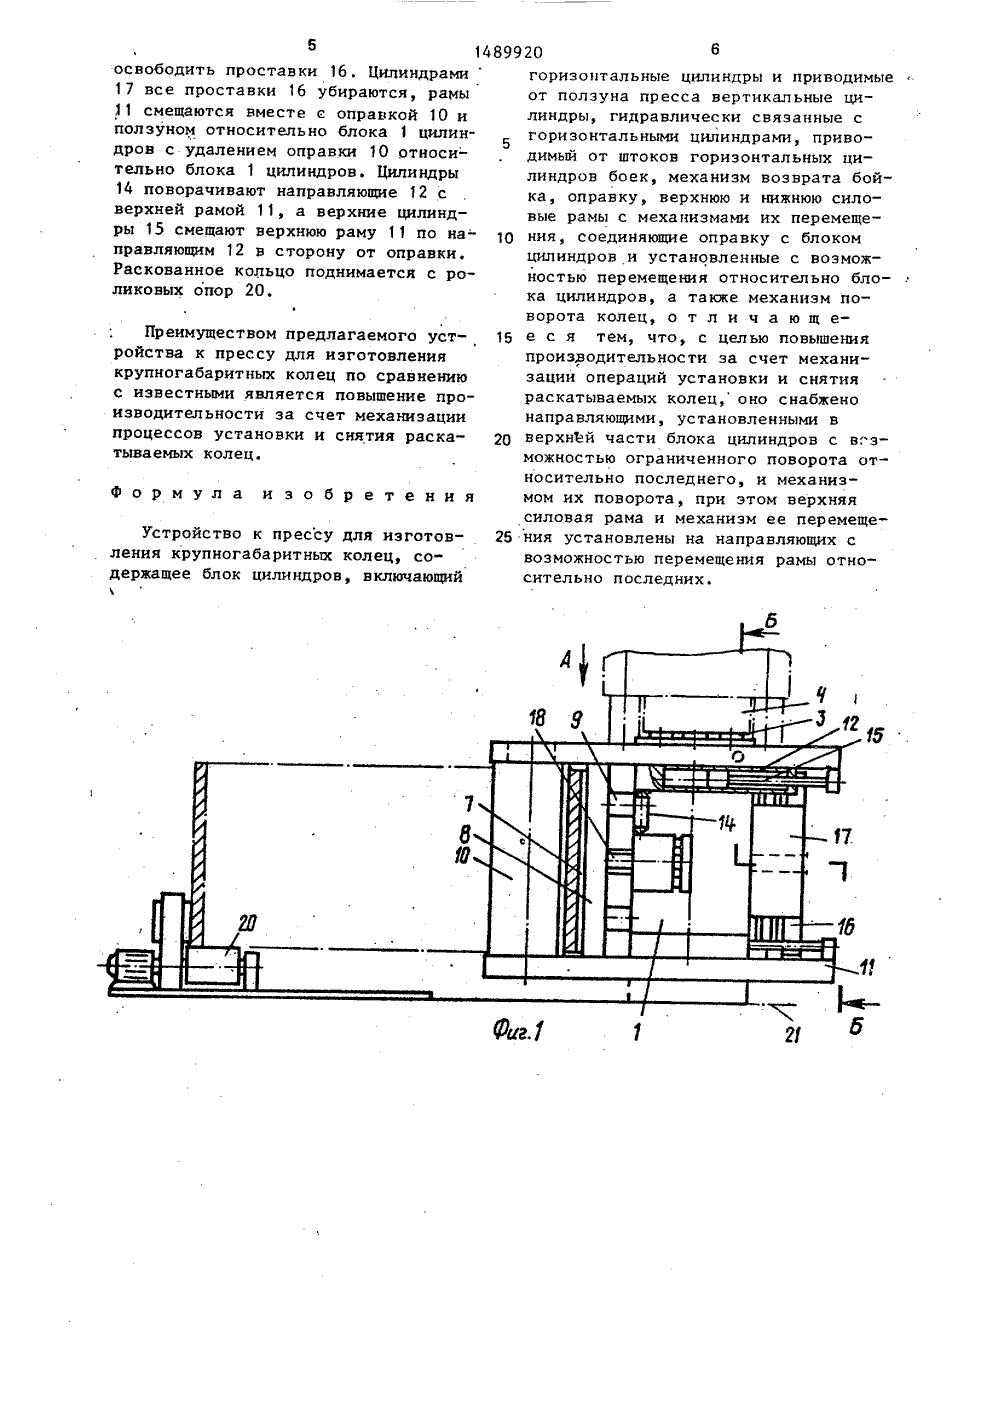 схема изготовления проставочных колец